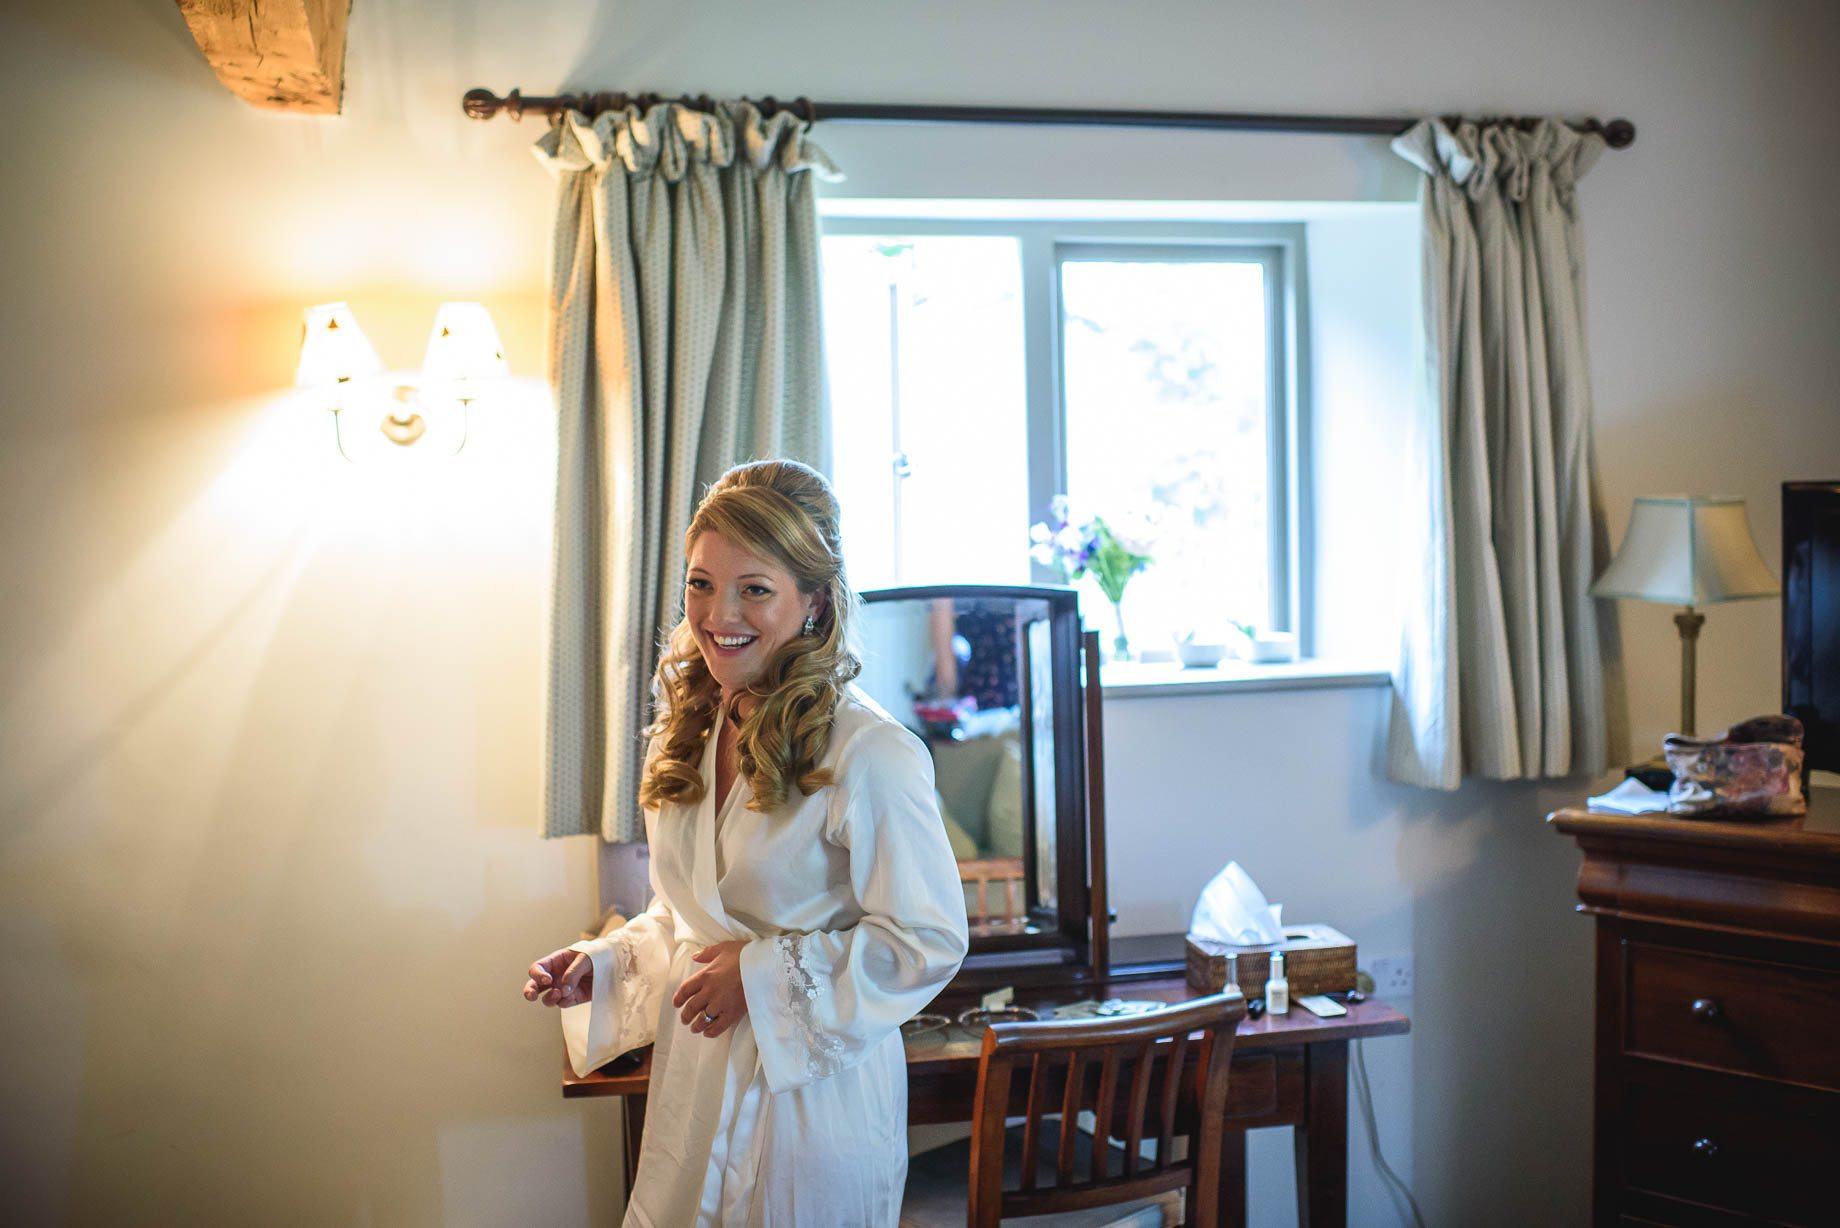 Bartholomew Barns wedding photography - Louise and Spencer (13 of 151)